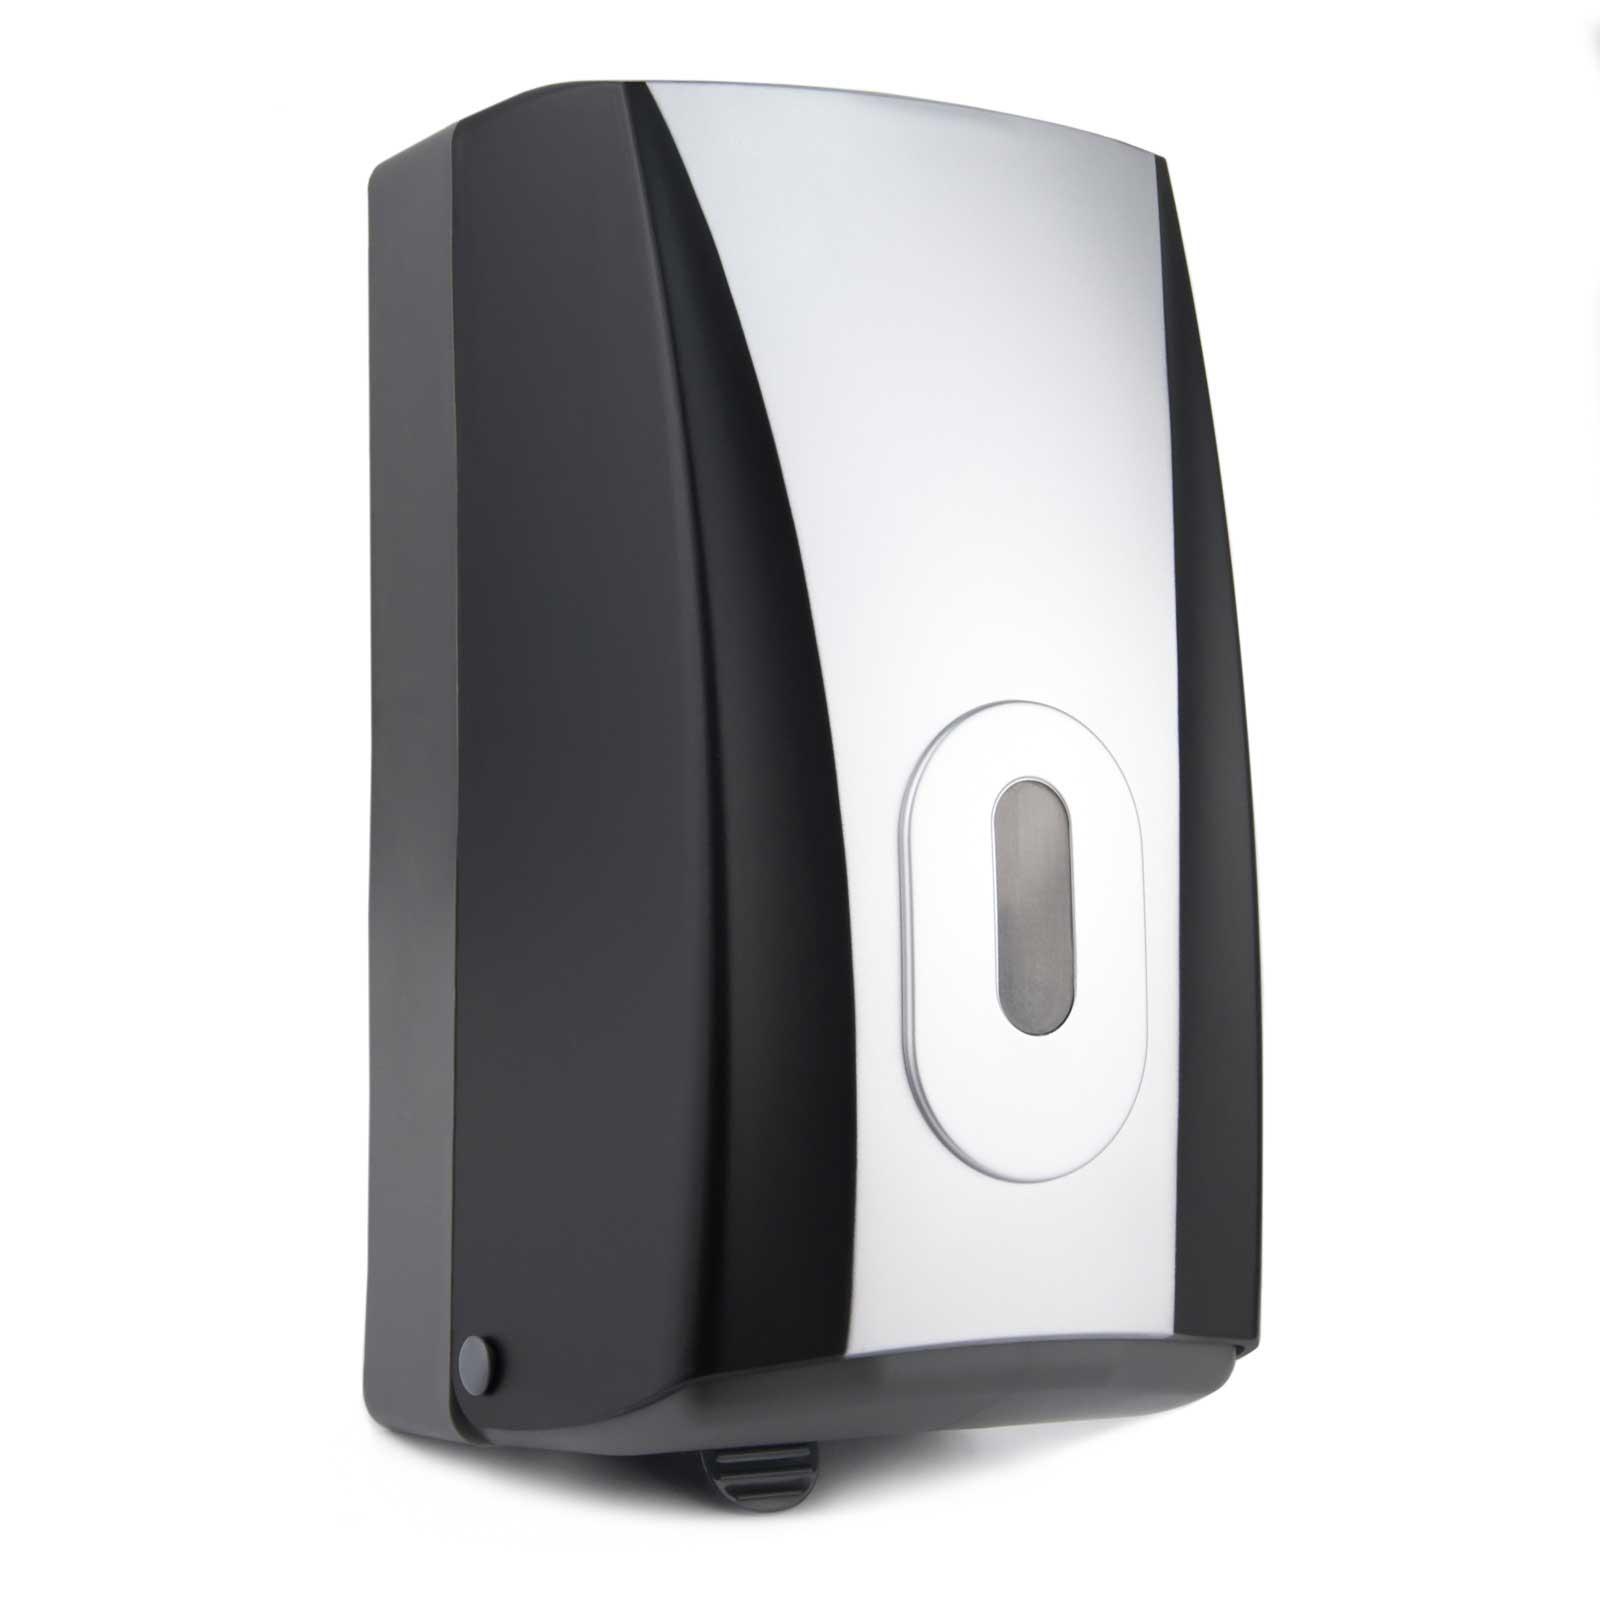 Interleaf Bulkpack Toilet Tissue Dispenser Black Silver